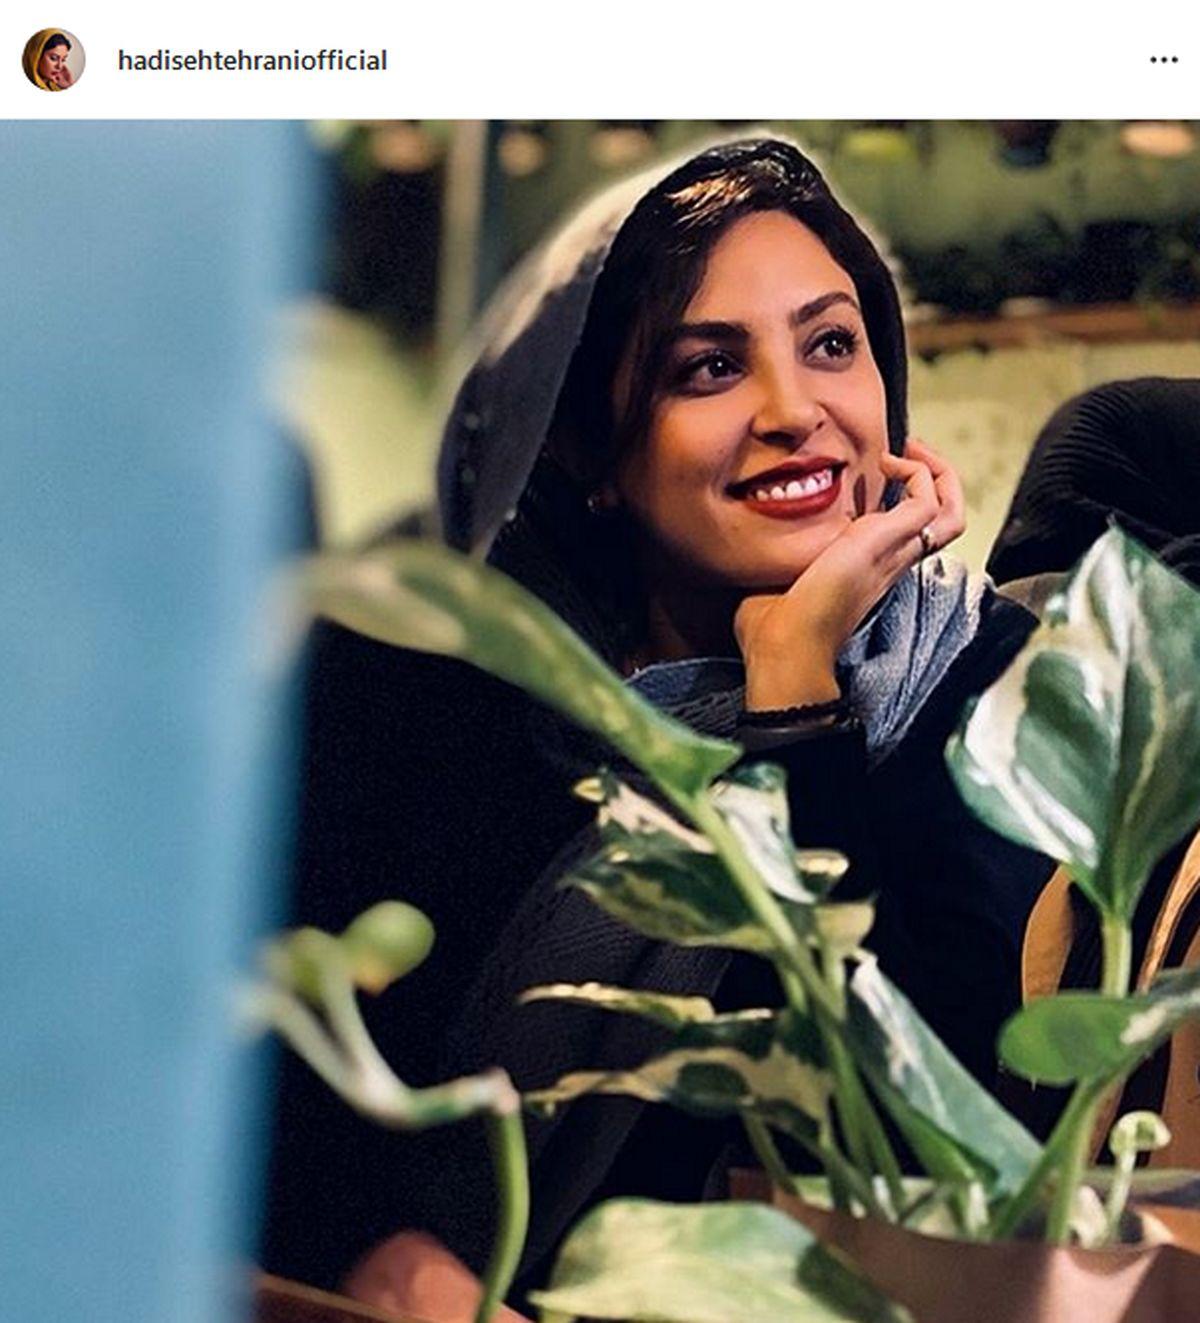 عکس جدید و سرسبز حدیثه تهرانی